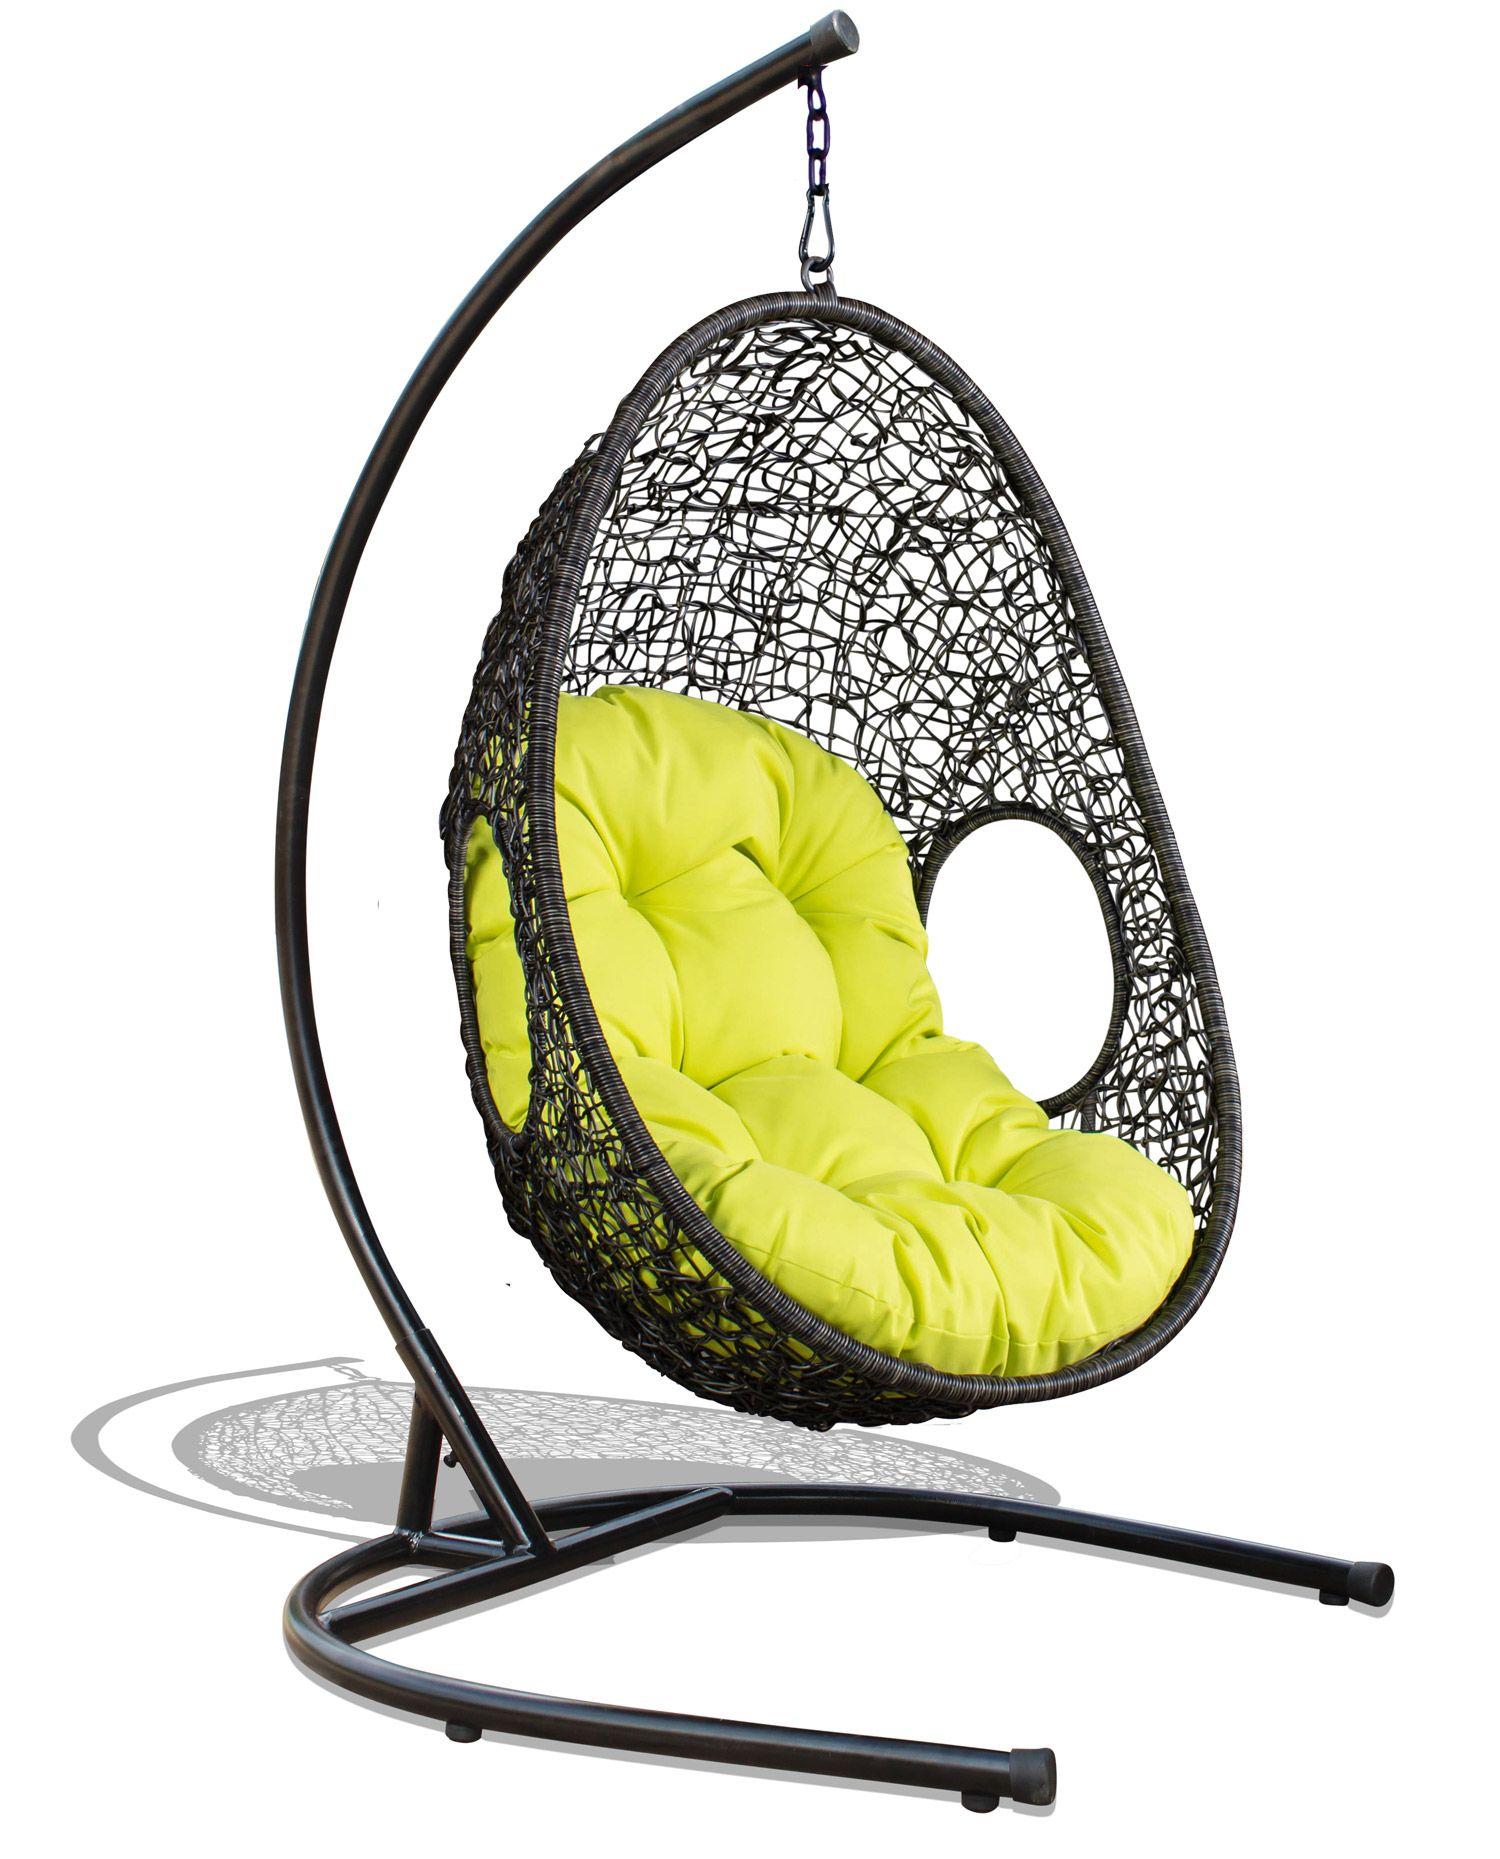 купить Подвесное кресло luton hanging chairs pinterest